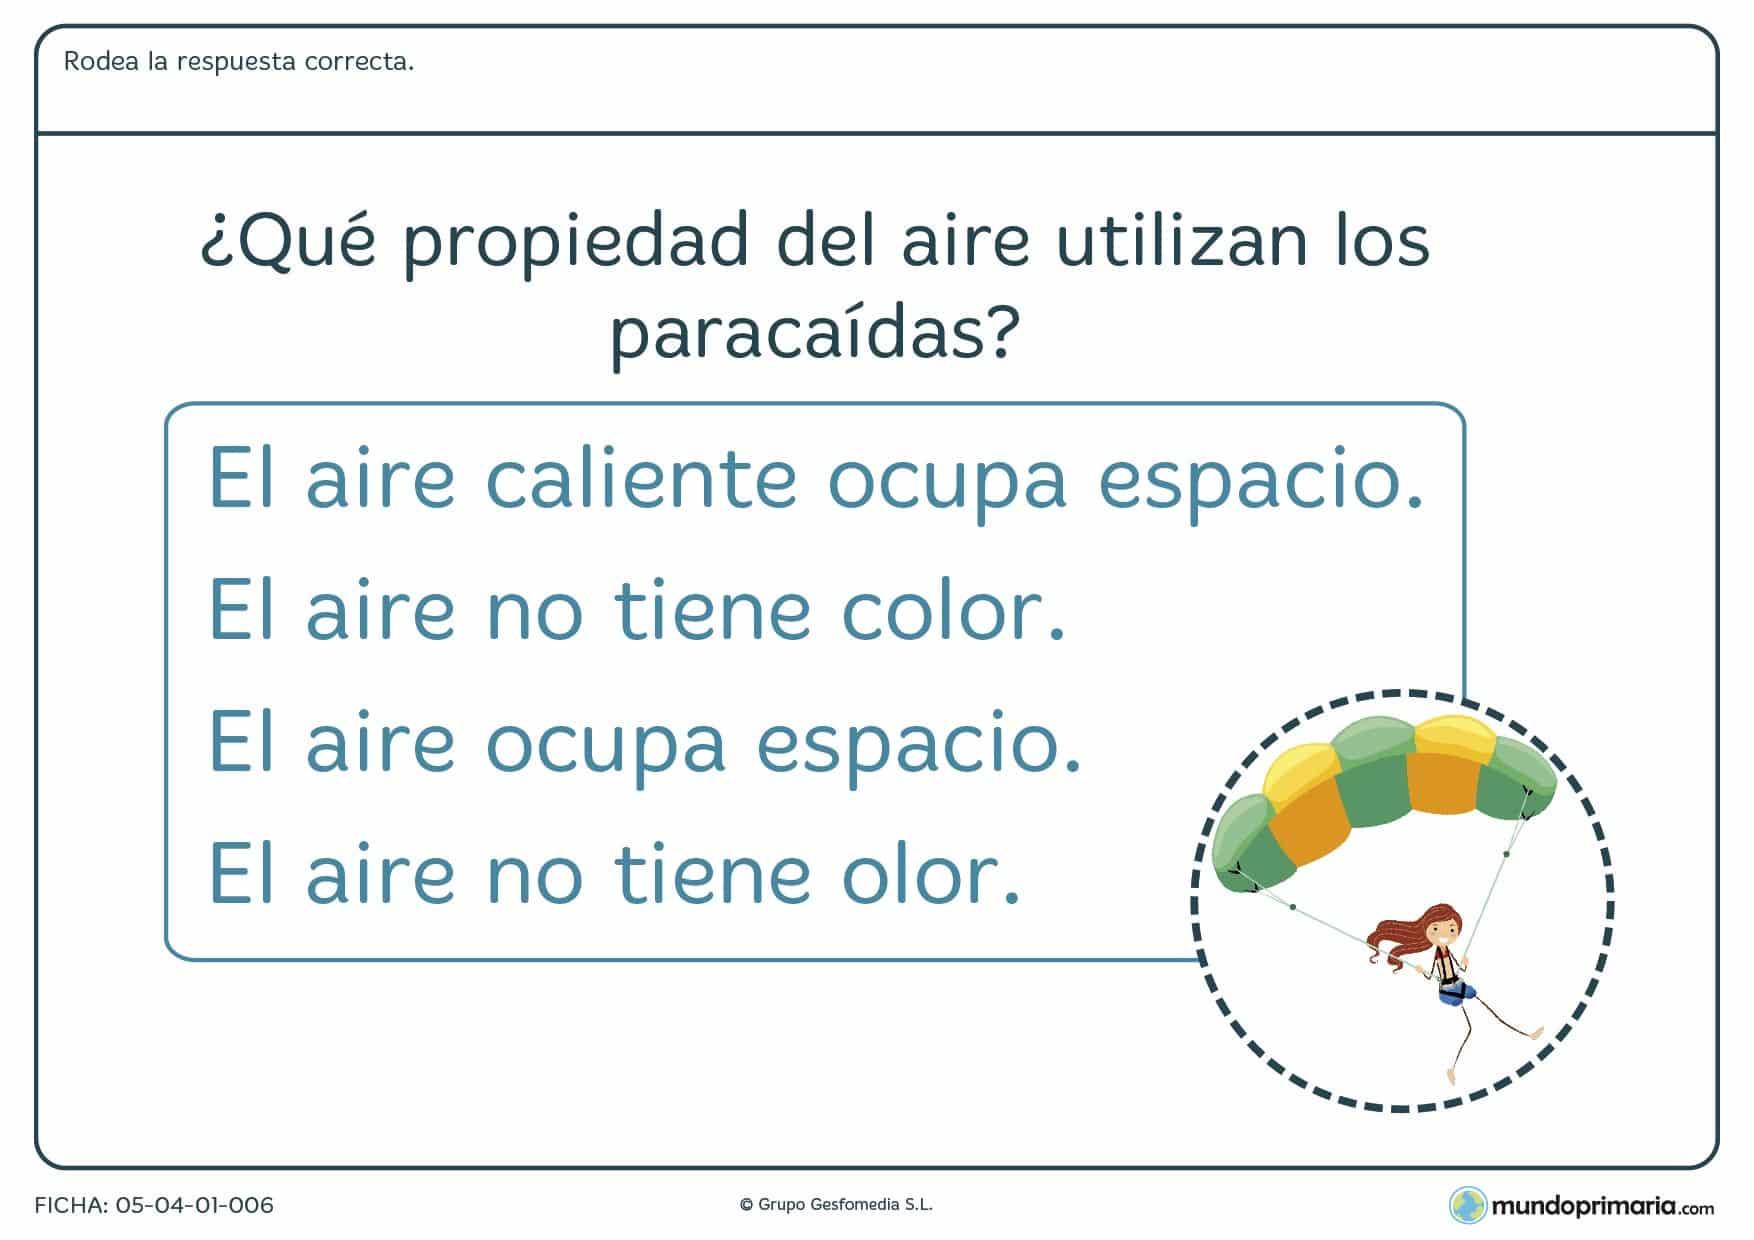 Ficha del aire y sus propiedades en el que se debe rodear la respuesta correcta a la pregunta planteada en el ejercicio.